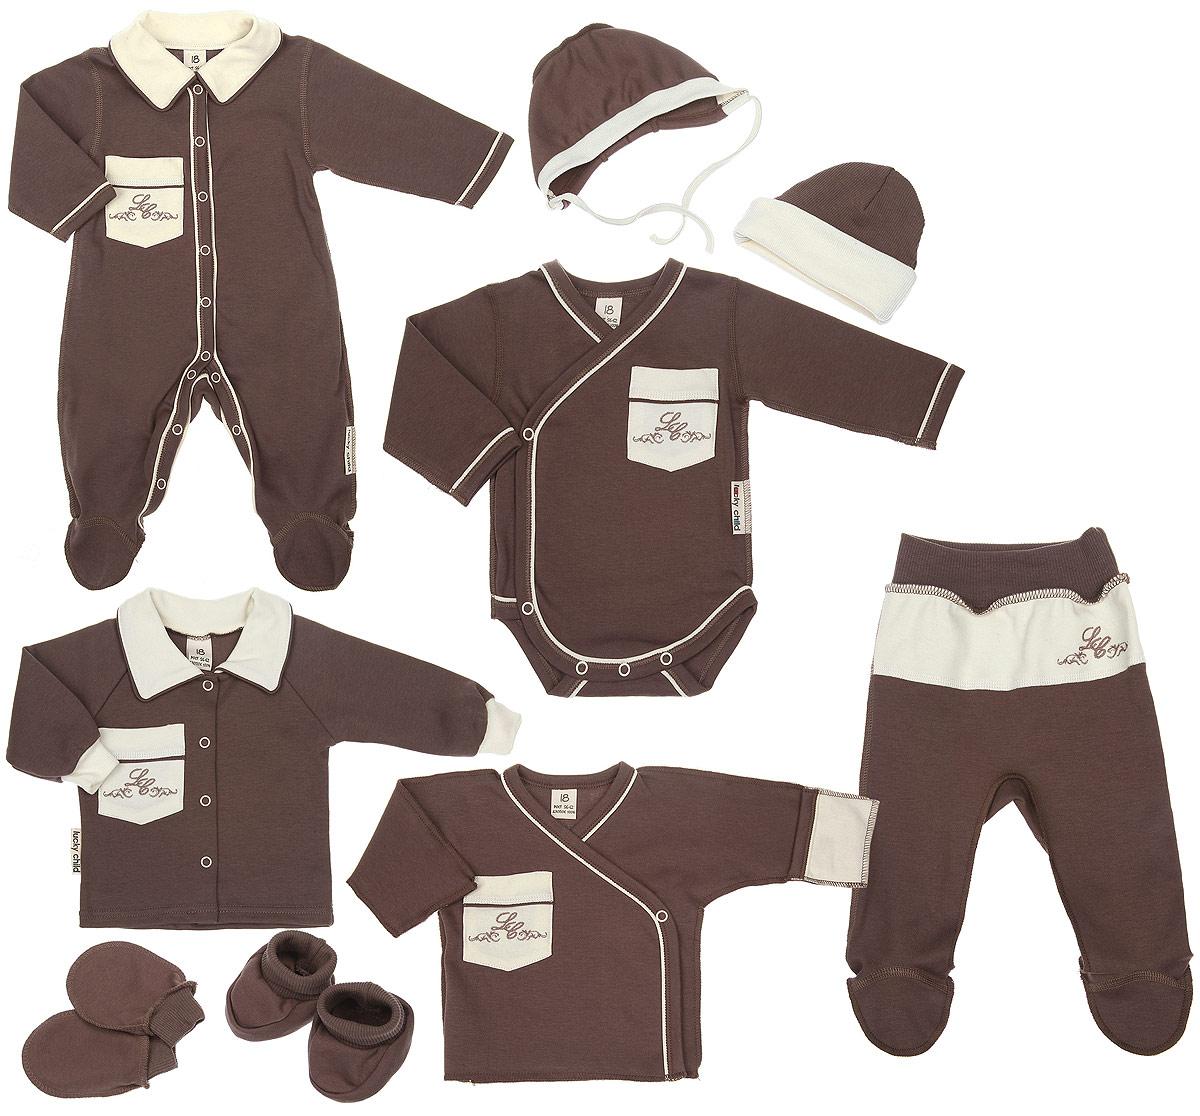 Подарочный комплект для новорожденного Lucky Child Классик, 9 предметов, цвет: кофейный, молочный. 20-1000. Размер 62/6820-1000Комплект для новорожденного Lucky Child Классик - это замечательный подарок, который прекрасно подойдет для первых дней жизни младенца. Комплект состоит из комбинезона, боди-кимоно, распашонки-кимоно, кофточки, ползунков, шапочки, чепчика, рукавичек и пинеток. Изготовленный из натурального хлопка, он необычайно мягкий и приятный на ощупь, не сковывает движения ребенка и позволяет коже дышать, не раздражает даже самую нежную и чувствительную кожу ребенка, обеспечивая ему наибольший комфорт.Комбинезон с длинными рукавами, отложным воротником контрастного цвета и закрытыми ножками имеет застежки-кнопки от горловины до пяточек, которые помогают легко переодеть младенца или сменить подгузник. На груди изделие дополнено накладным кармашком, украшенным вышивкой. Швы выполнены наружу.Удобное боди-кимоно с длинными рукавами и V-образным вырезом горловины имеет удобные застежки-кнопки по принципу кимоно, а также кнопки на ластовице, которые помогают легко переодеть младенца и сменить подгузник. На груди изделие дополнено накладным кармашком, украшенным вышивкой. Швы выполнены наружу. Распашонка-кимоно с V-образным вырезом горловины и длинными рукавами-кимоно имеет застежки-кнопки по принципу кимоно, благодаря которым, модель можно полностью расстегнуть. А благодаря рукавичкам ребенок не поцарапает себя. Ручки могут быть как открытыми, так и закрытыми. На груди изделие дополнено накладным кармашком, украшенным вышивкой. Швы выполнены наружу.Кофточка с длинными рукавами-реглан и отложным воротником контрастного цвета спереди застегивается на металлические кнопки, что помогает с легкостью переодеть ребенка. Рукава имеют широкие эластичные манжеты. На груди изделие дополнено накладным кармашком, украшенным вышивкой. Ползунки, благодаря мягкому и широкому поясу, не сдавливают животик младенца и не сползают. Они идеально подходят для ношения с подгузником. 